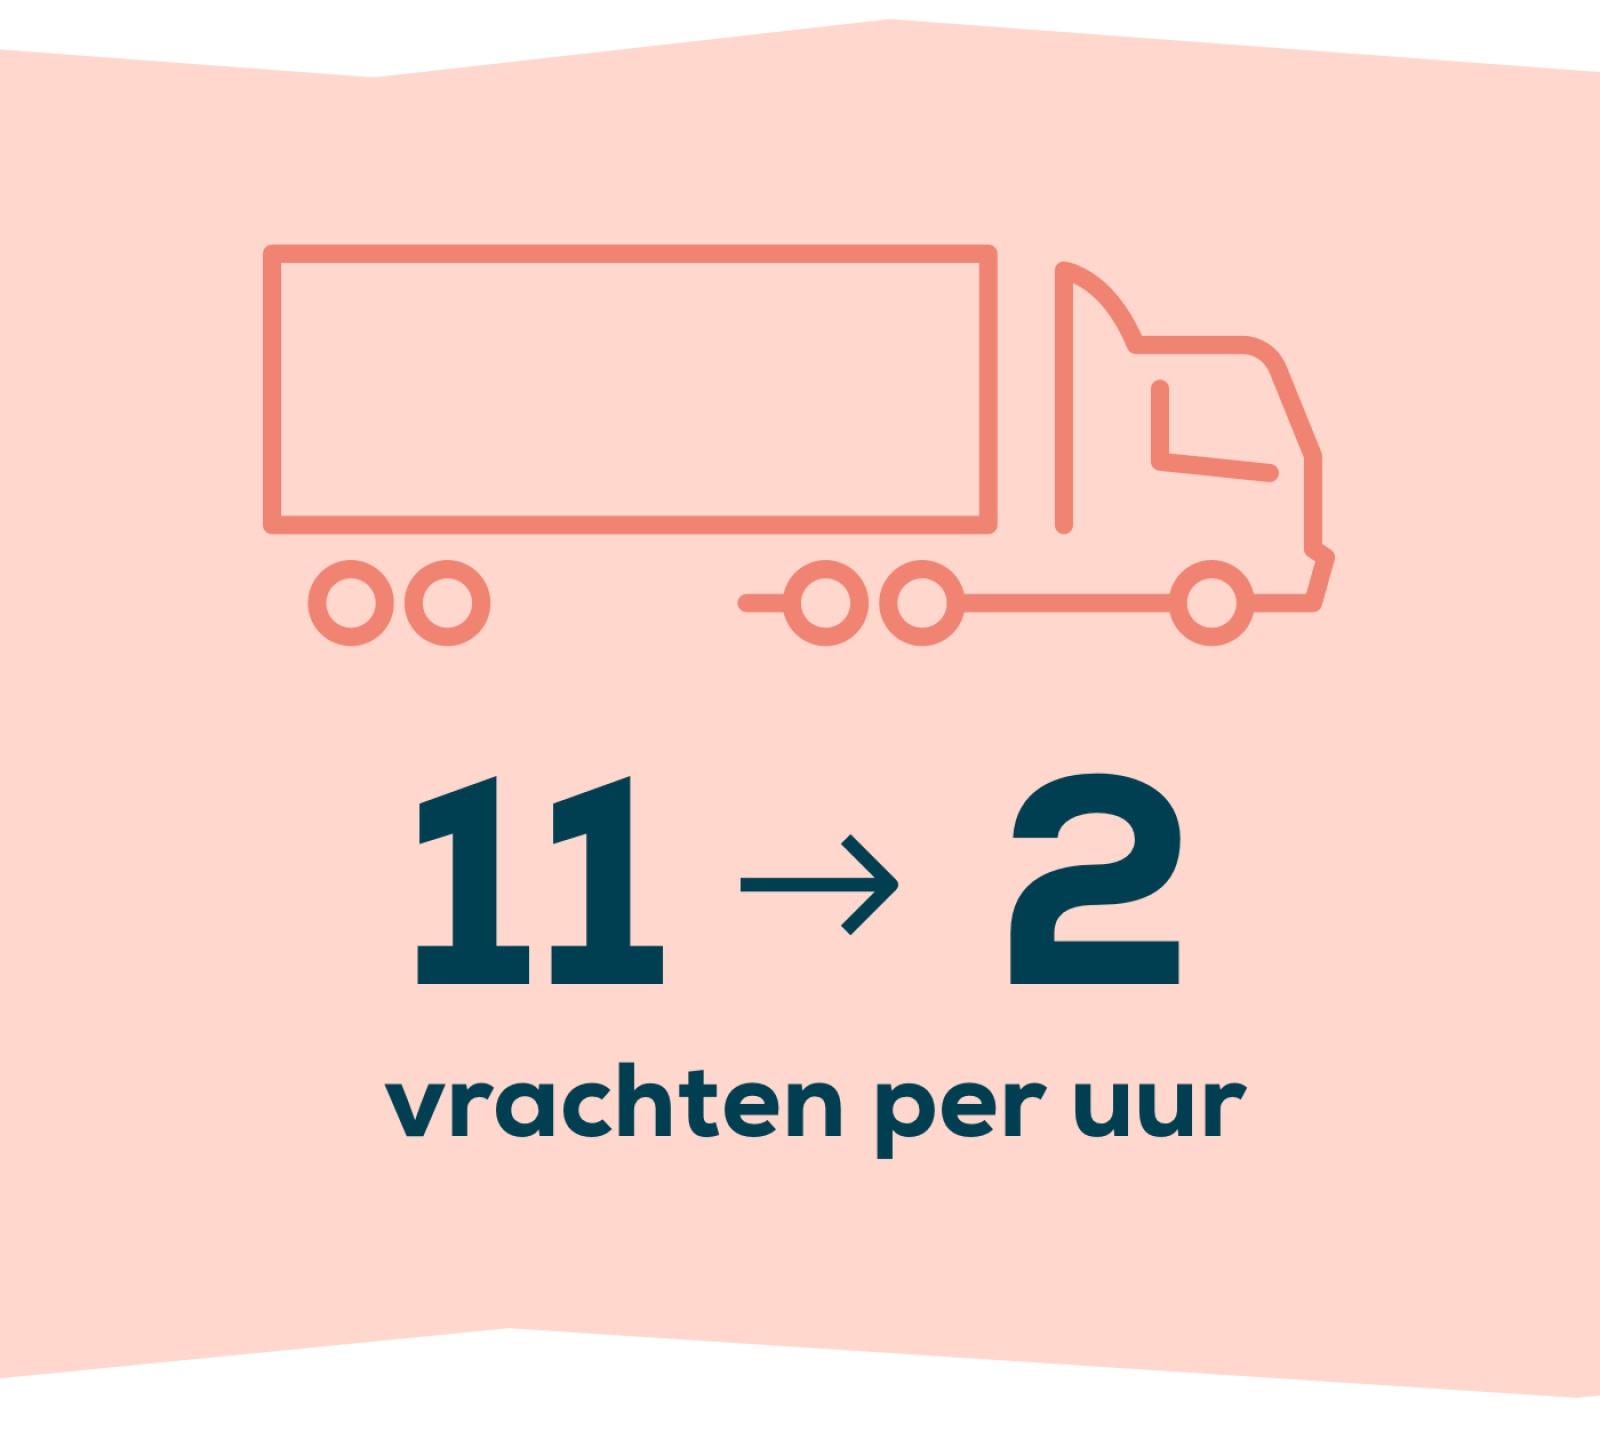 Er zijn 9 vrachten minder per uur rondom het Walkwartier